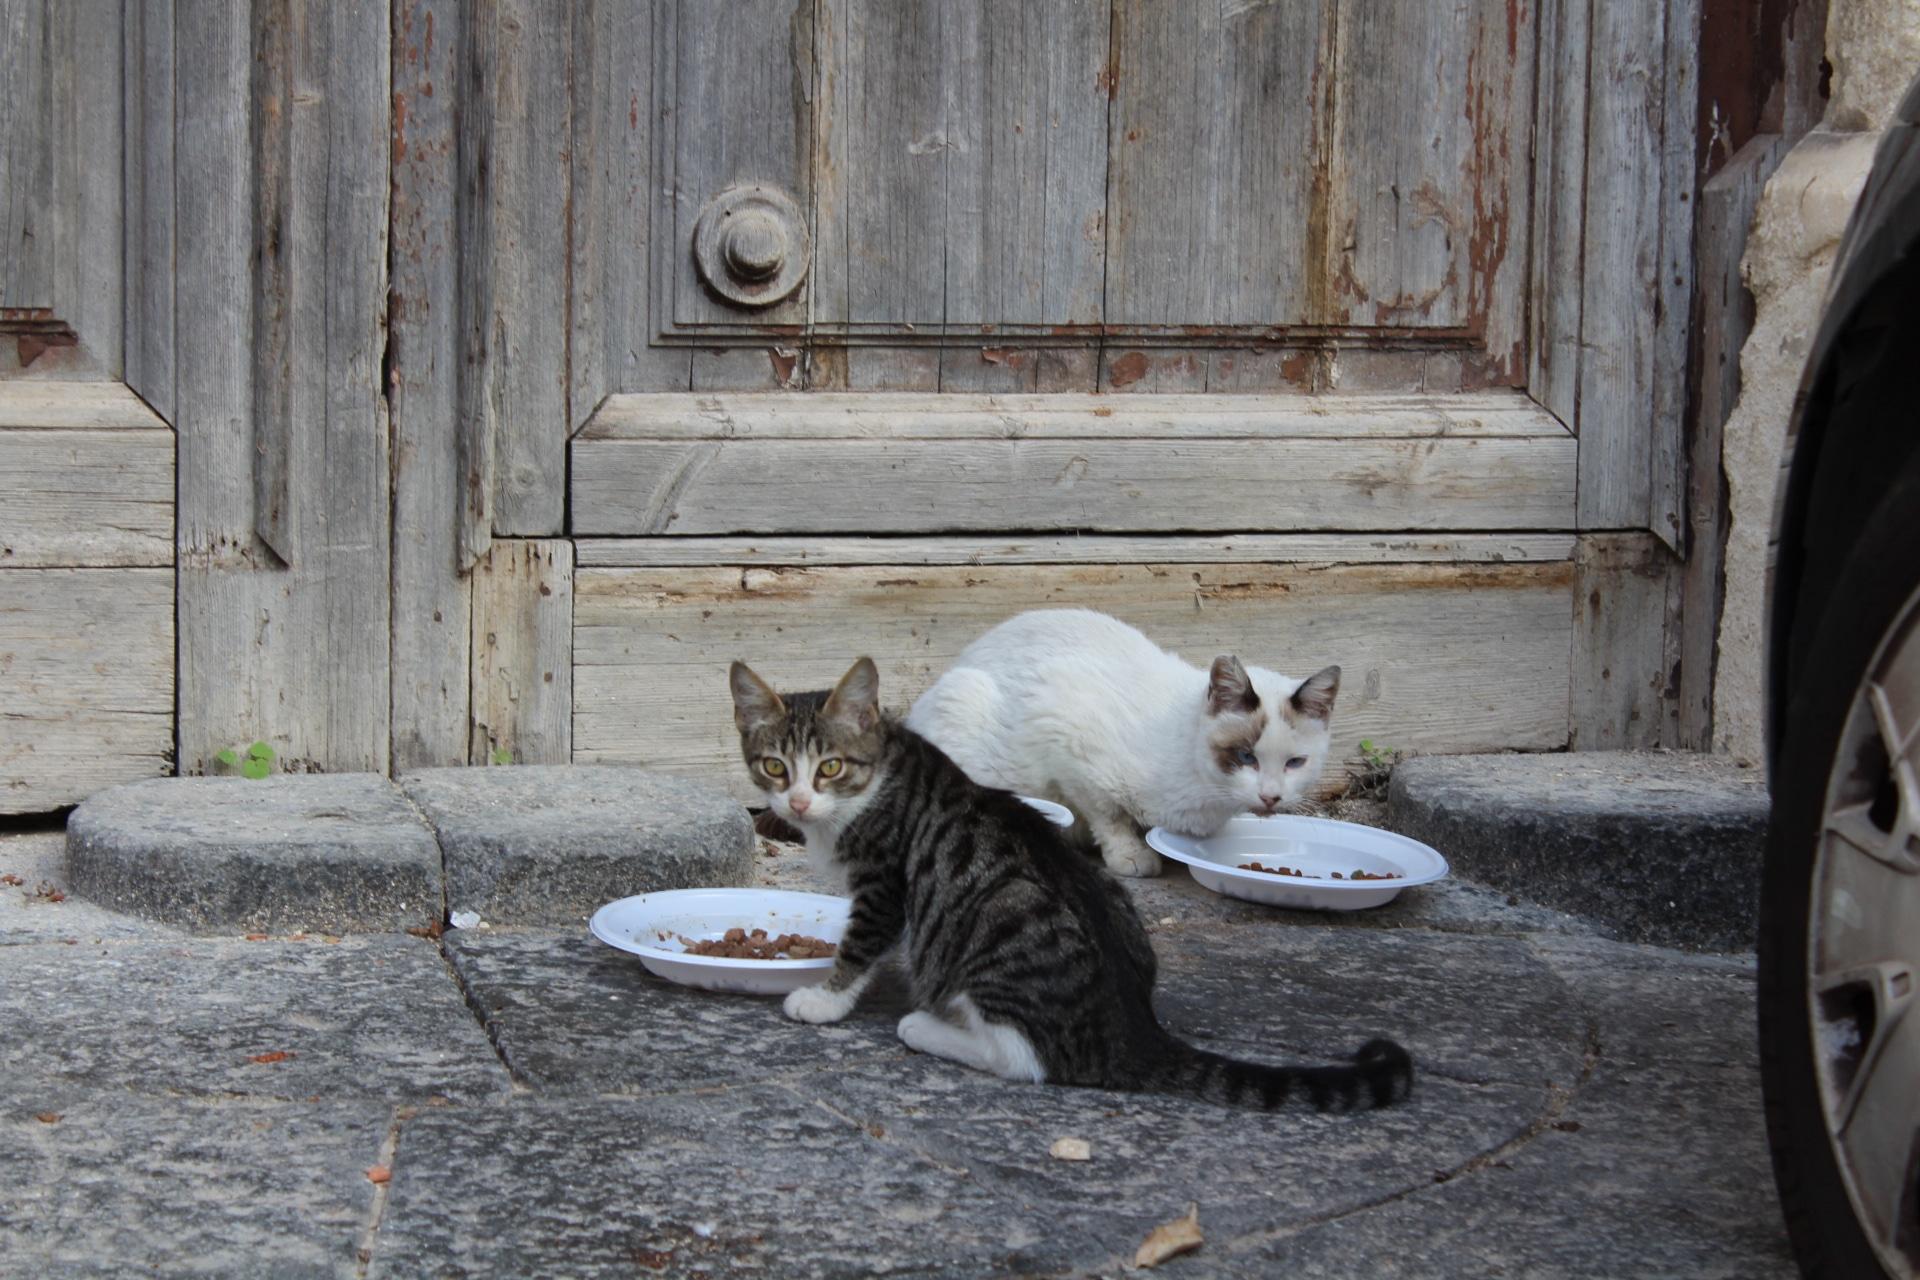 Auf der Straße lebende Katzen